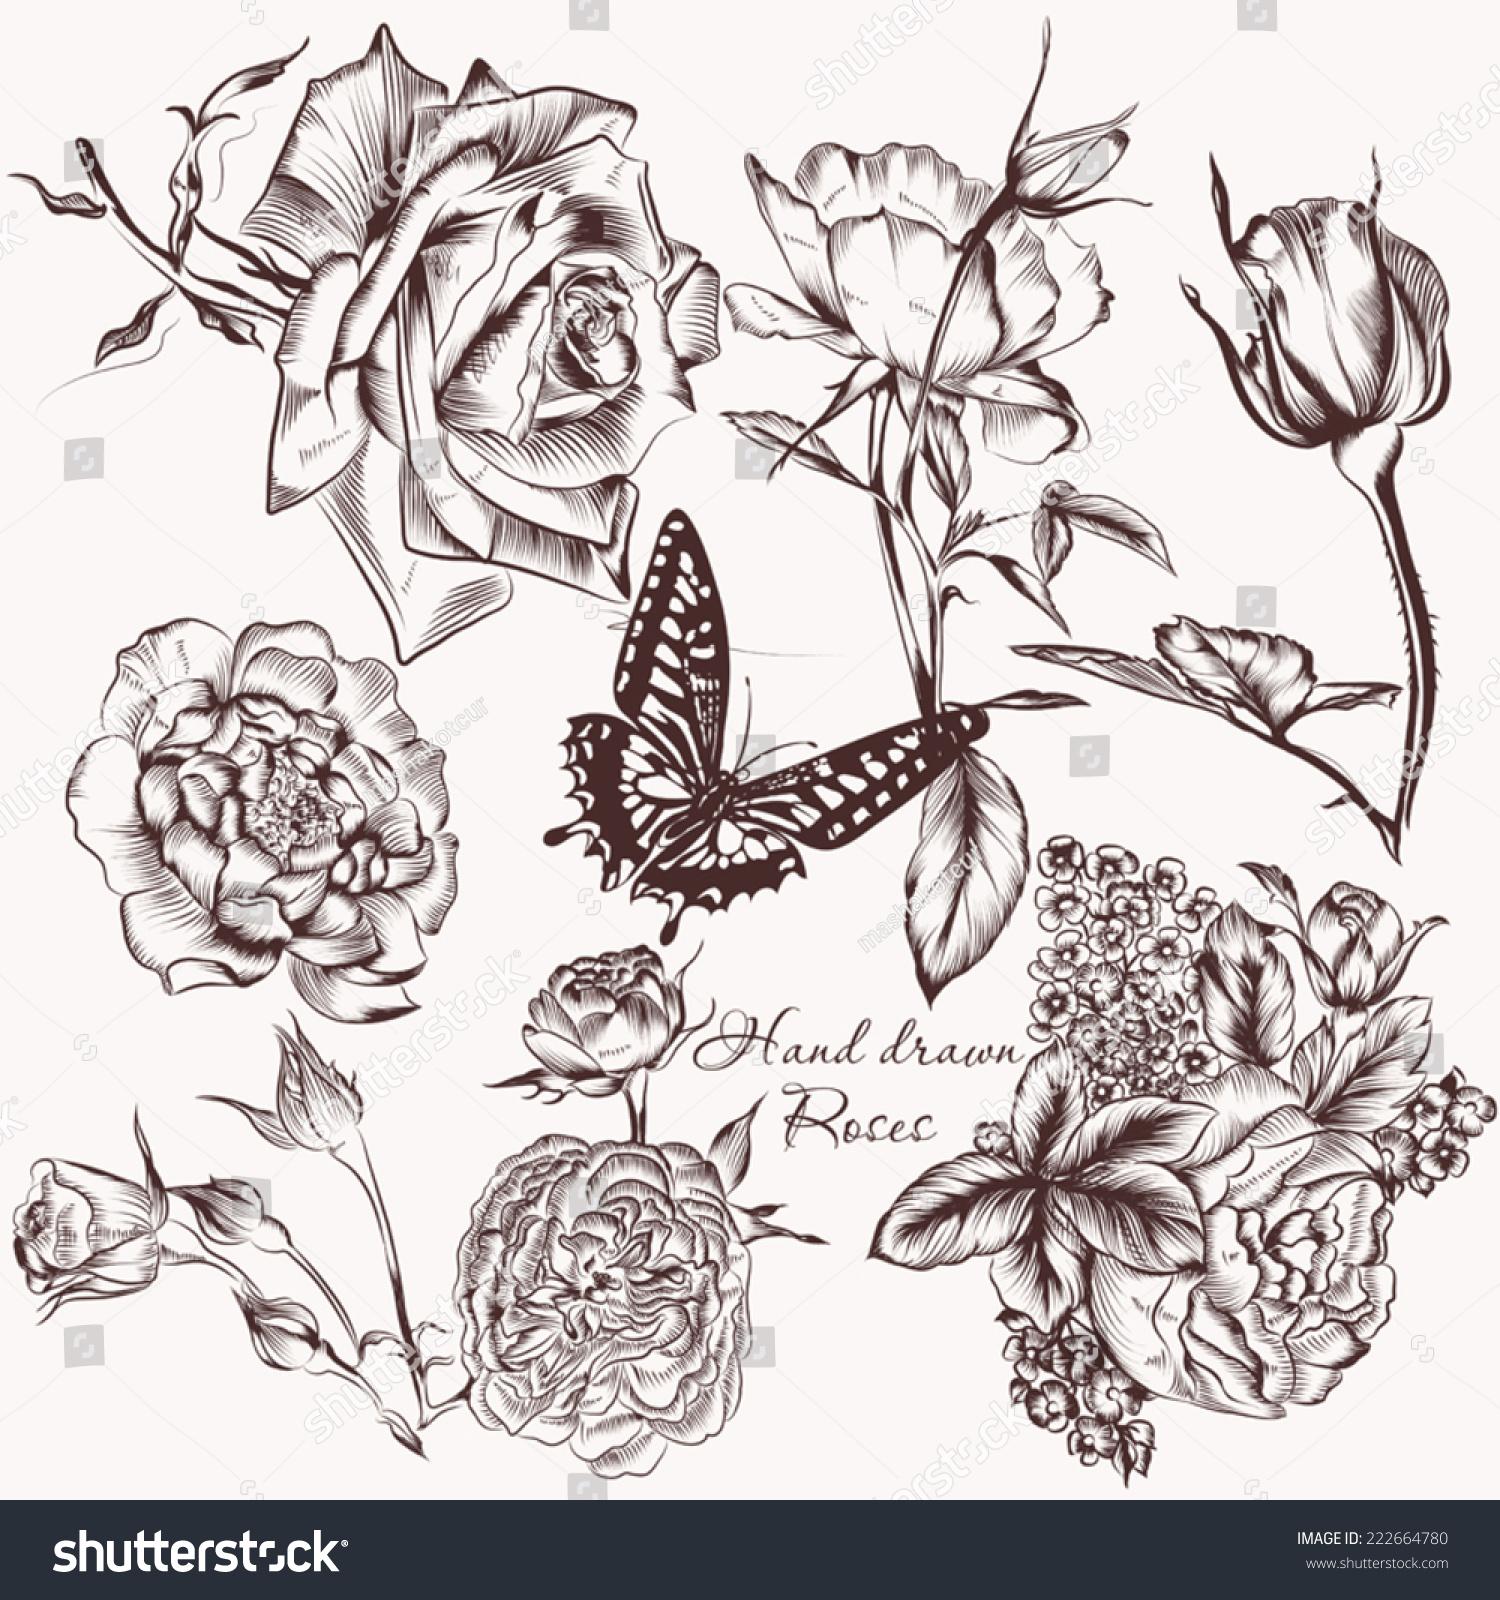 高详细向量玫瑰花朵设计的集合-动物/野生生物,自然